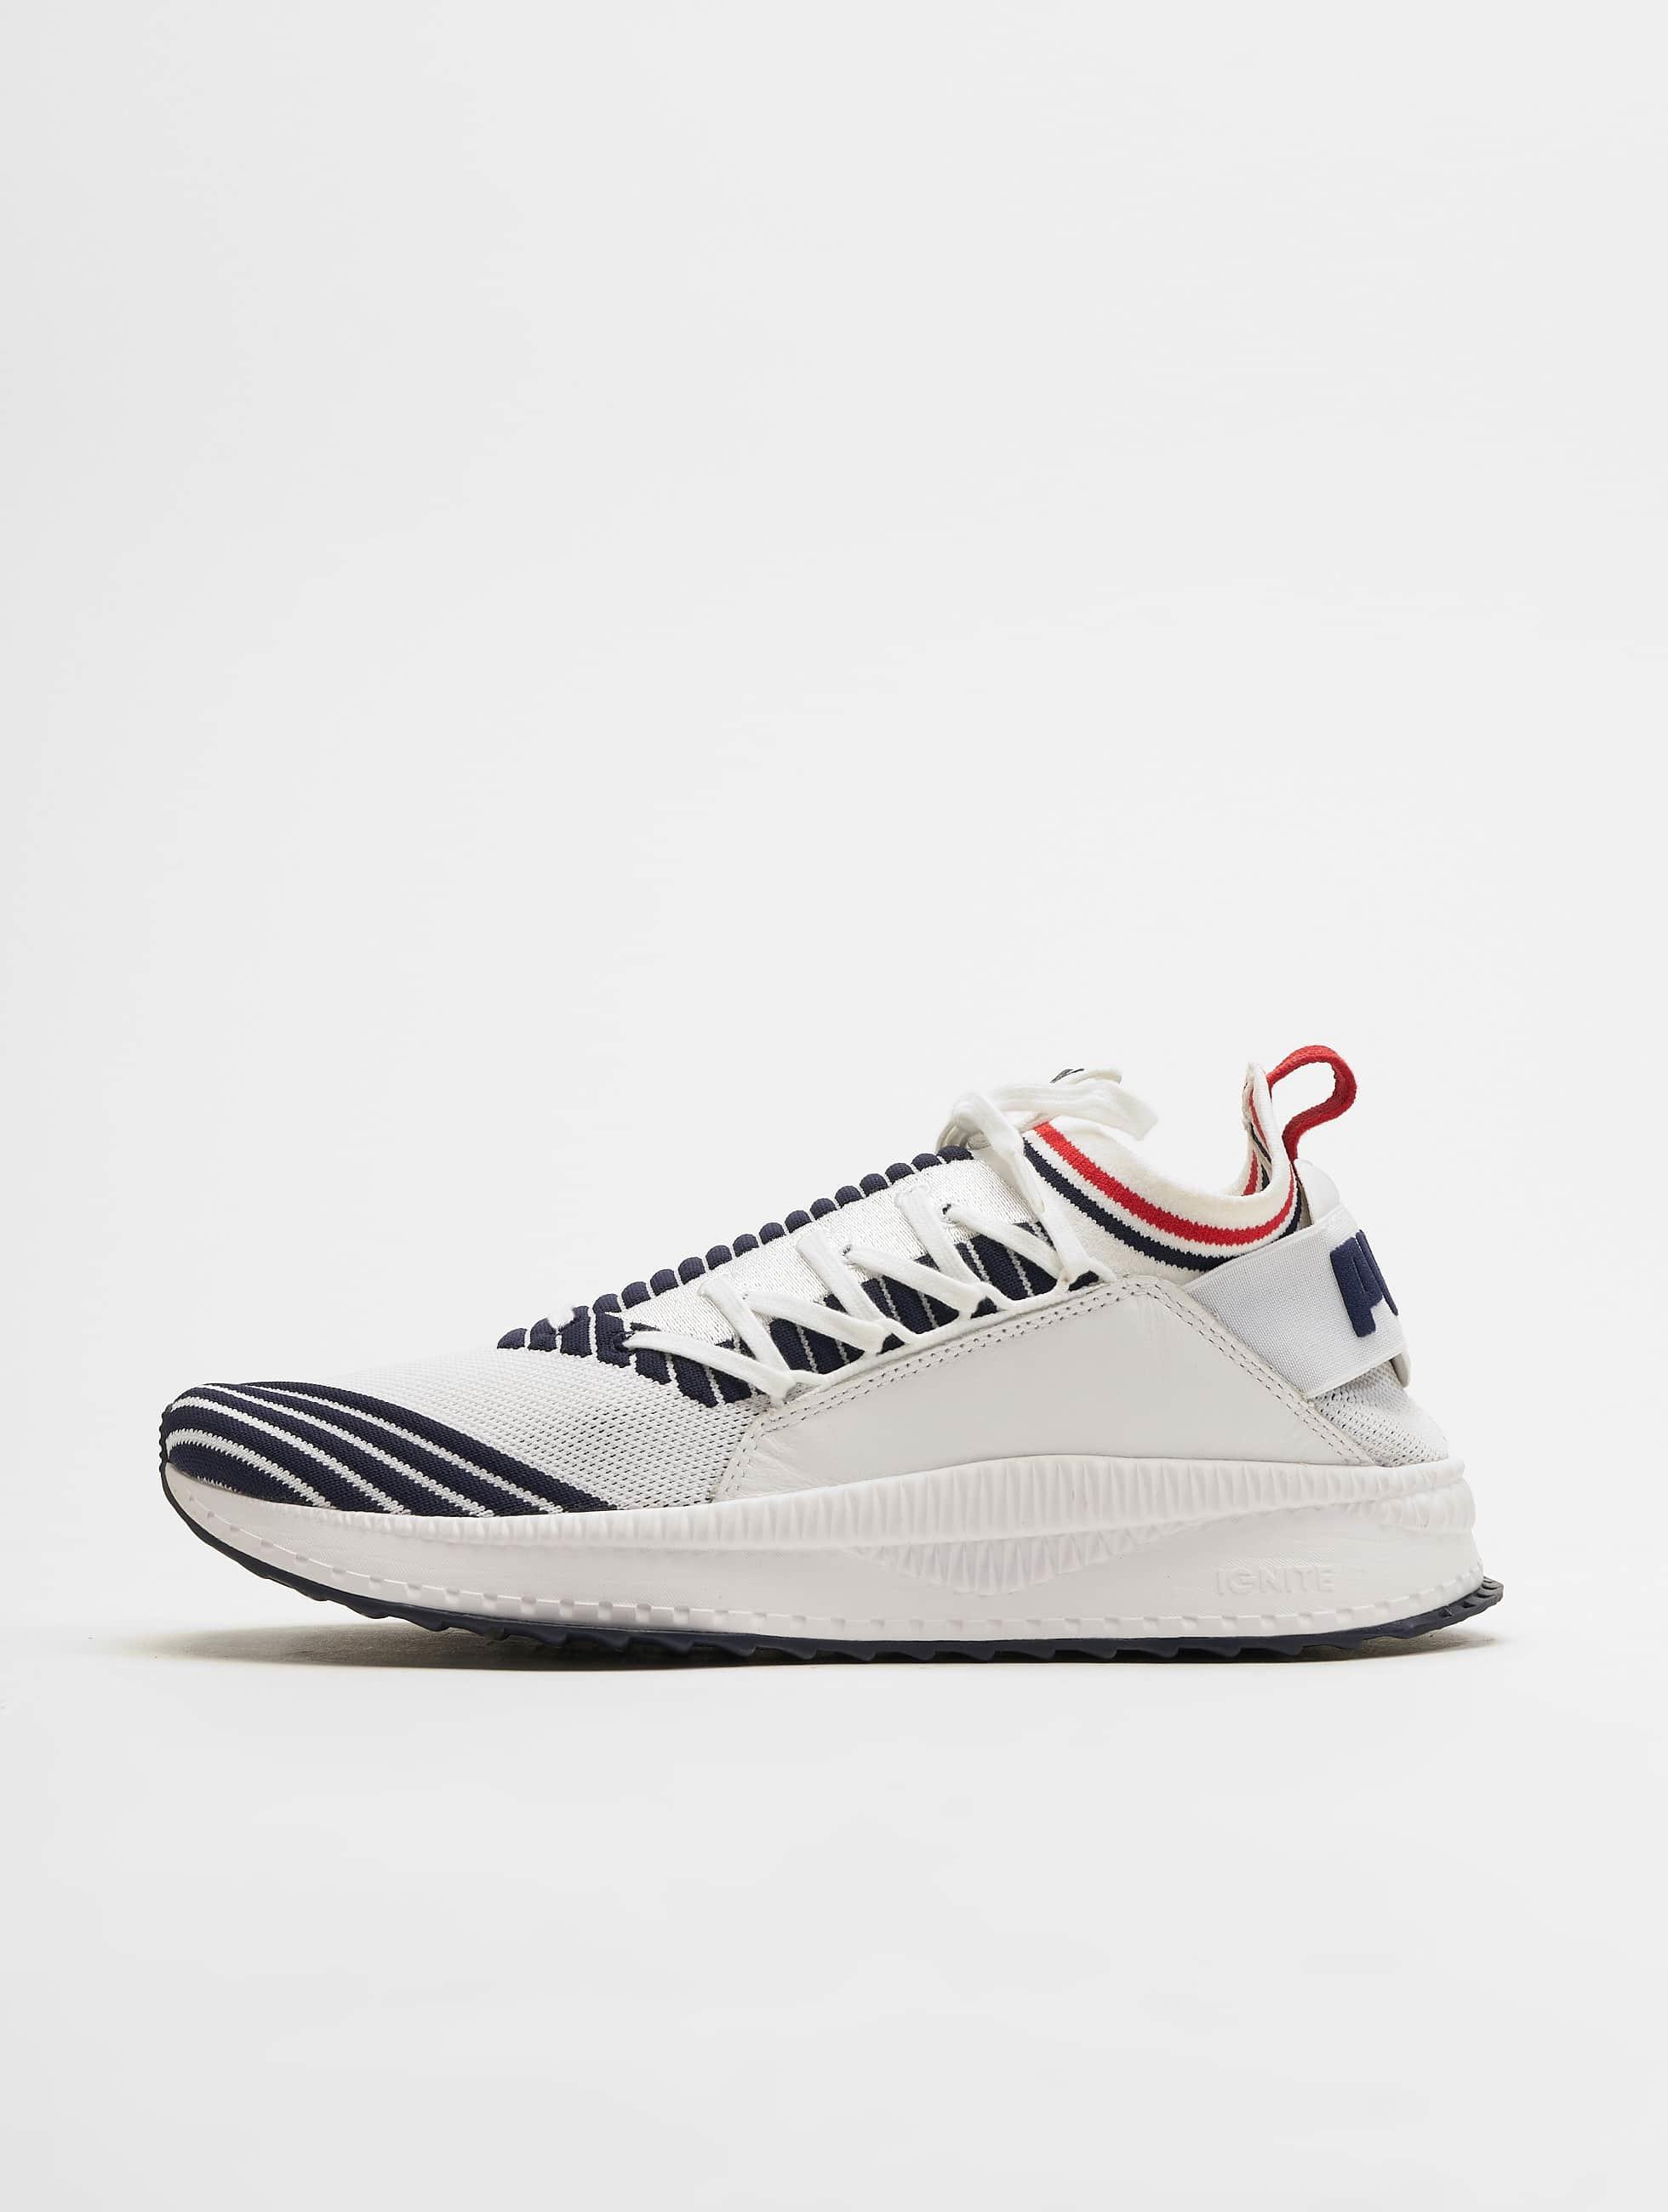 a56931fe9aa Puma schoen / sneaker Tsugi Jun Sport Stripes in wit 542676